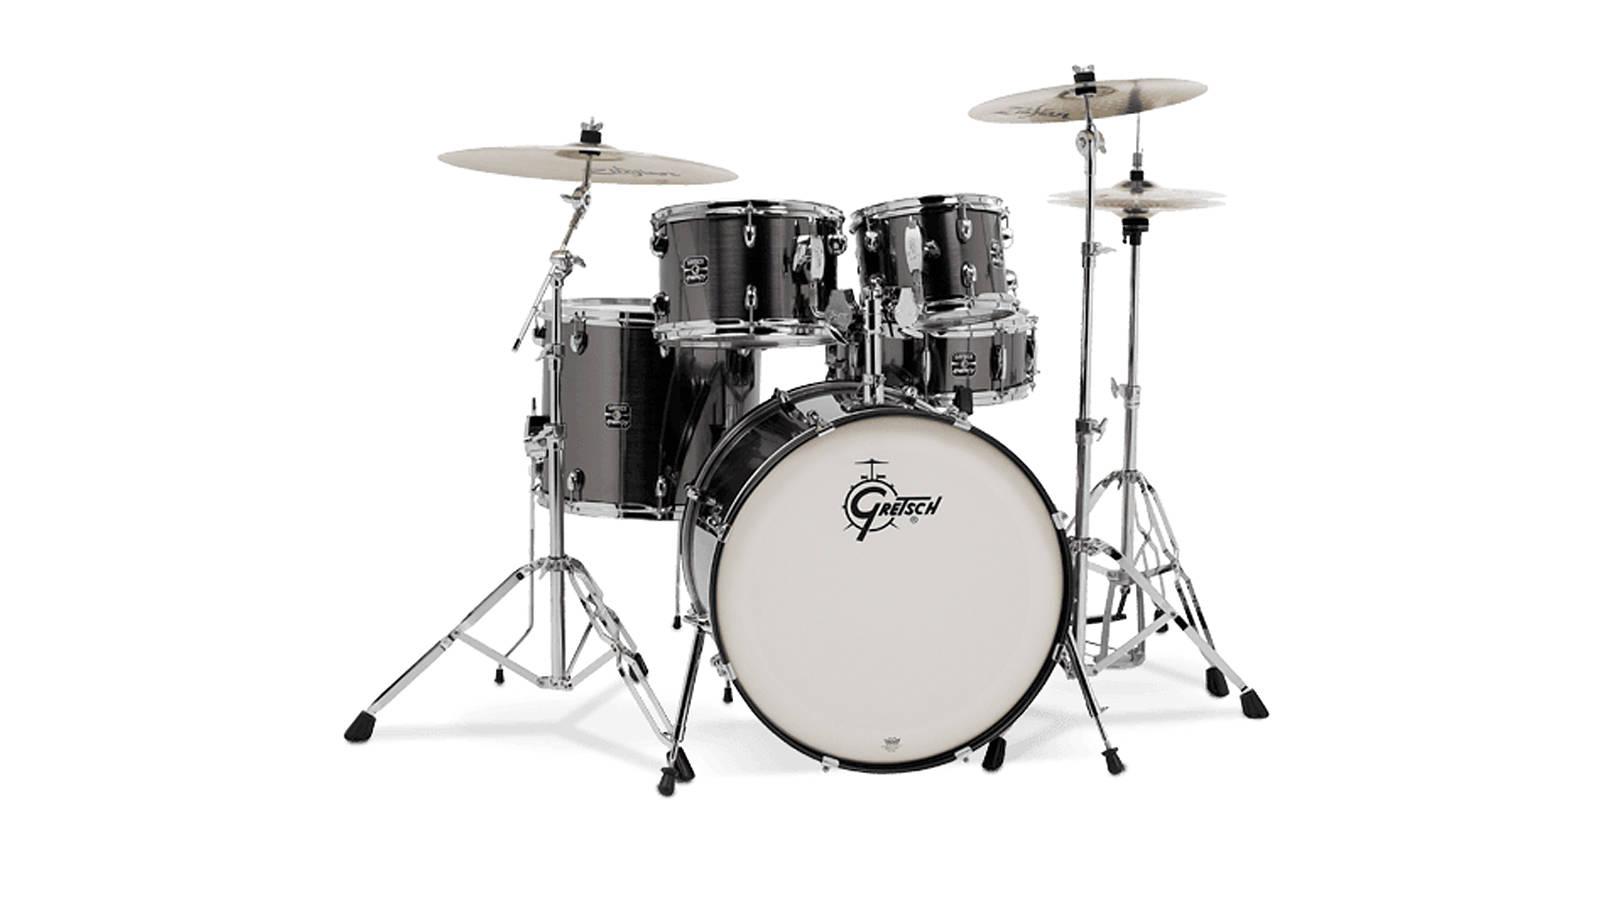 Gretsch Energy Drumset mit Hardware und Paiste Becken